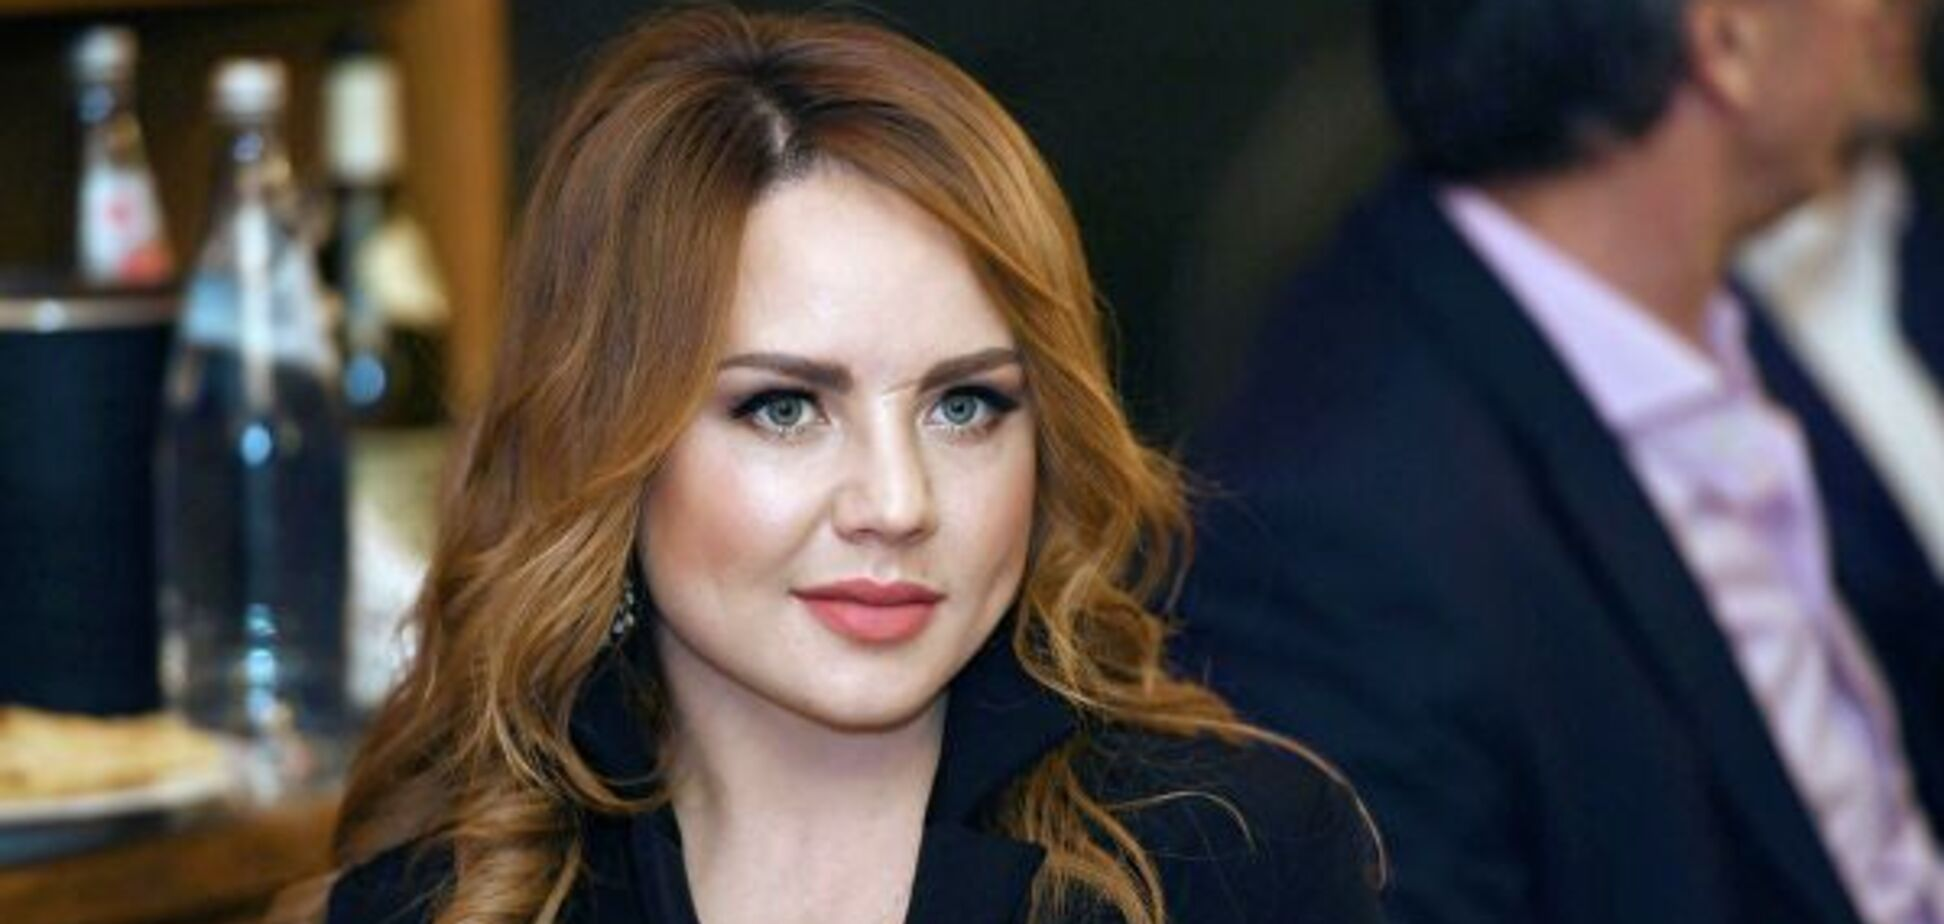 Відома російська співачка шокувала опухлим обличчям: відео